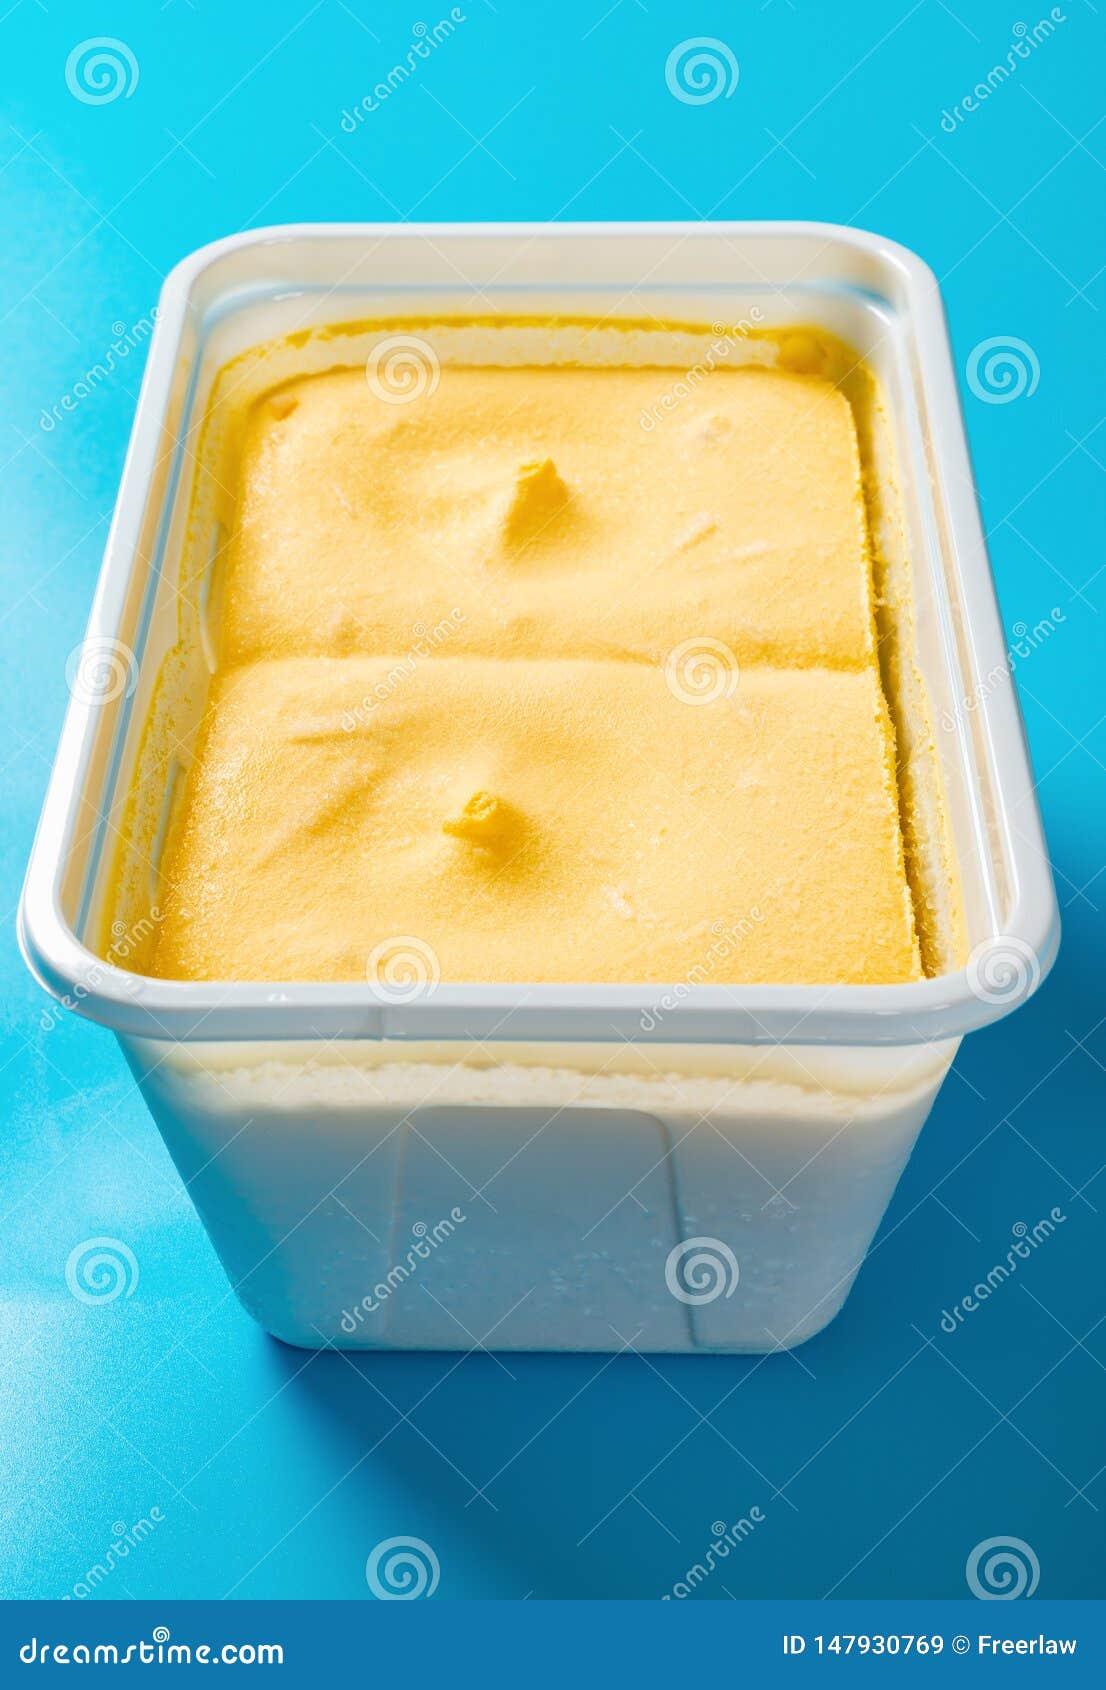 Scatola di gelato di sapore del mango sulla composizione verticale nel fondo blu